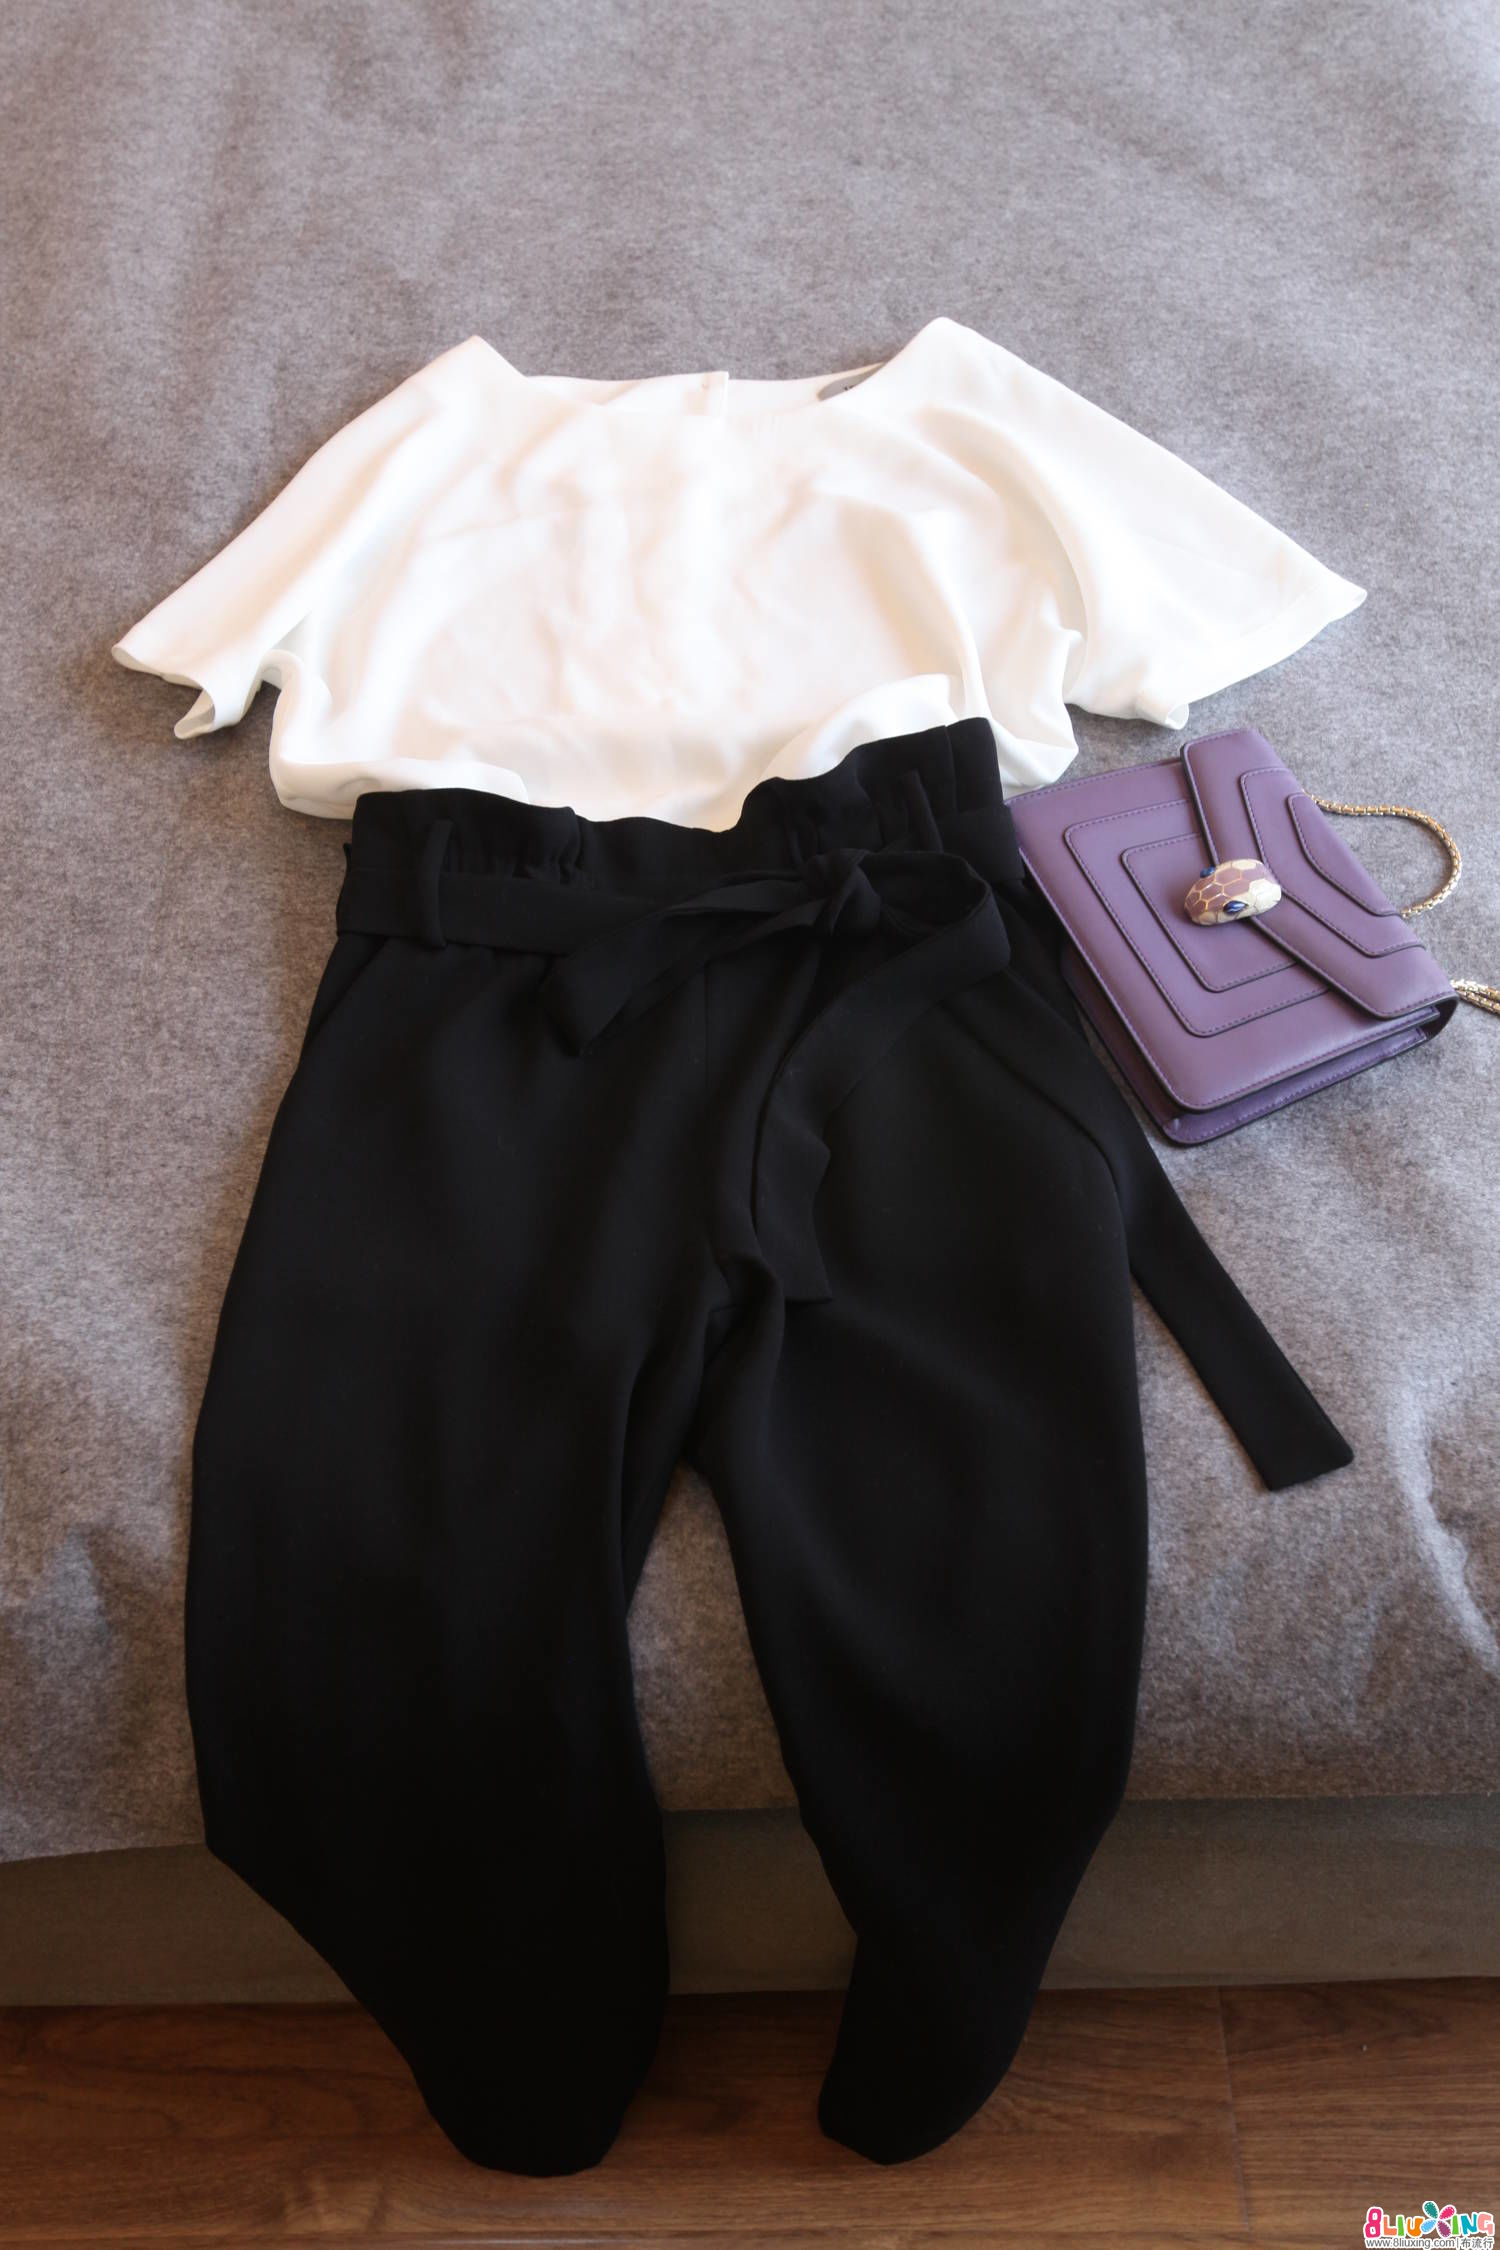 【Forider设计】黑白设计连体裤